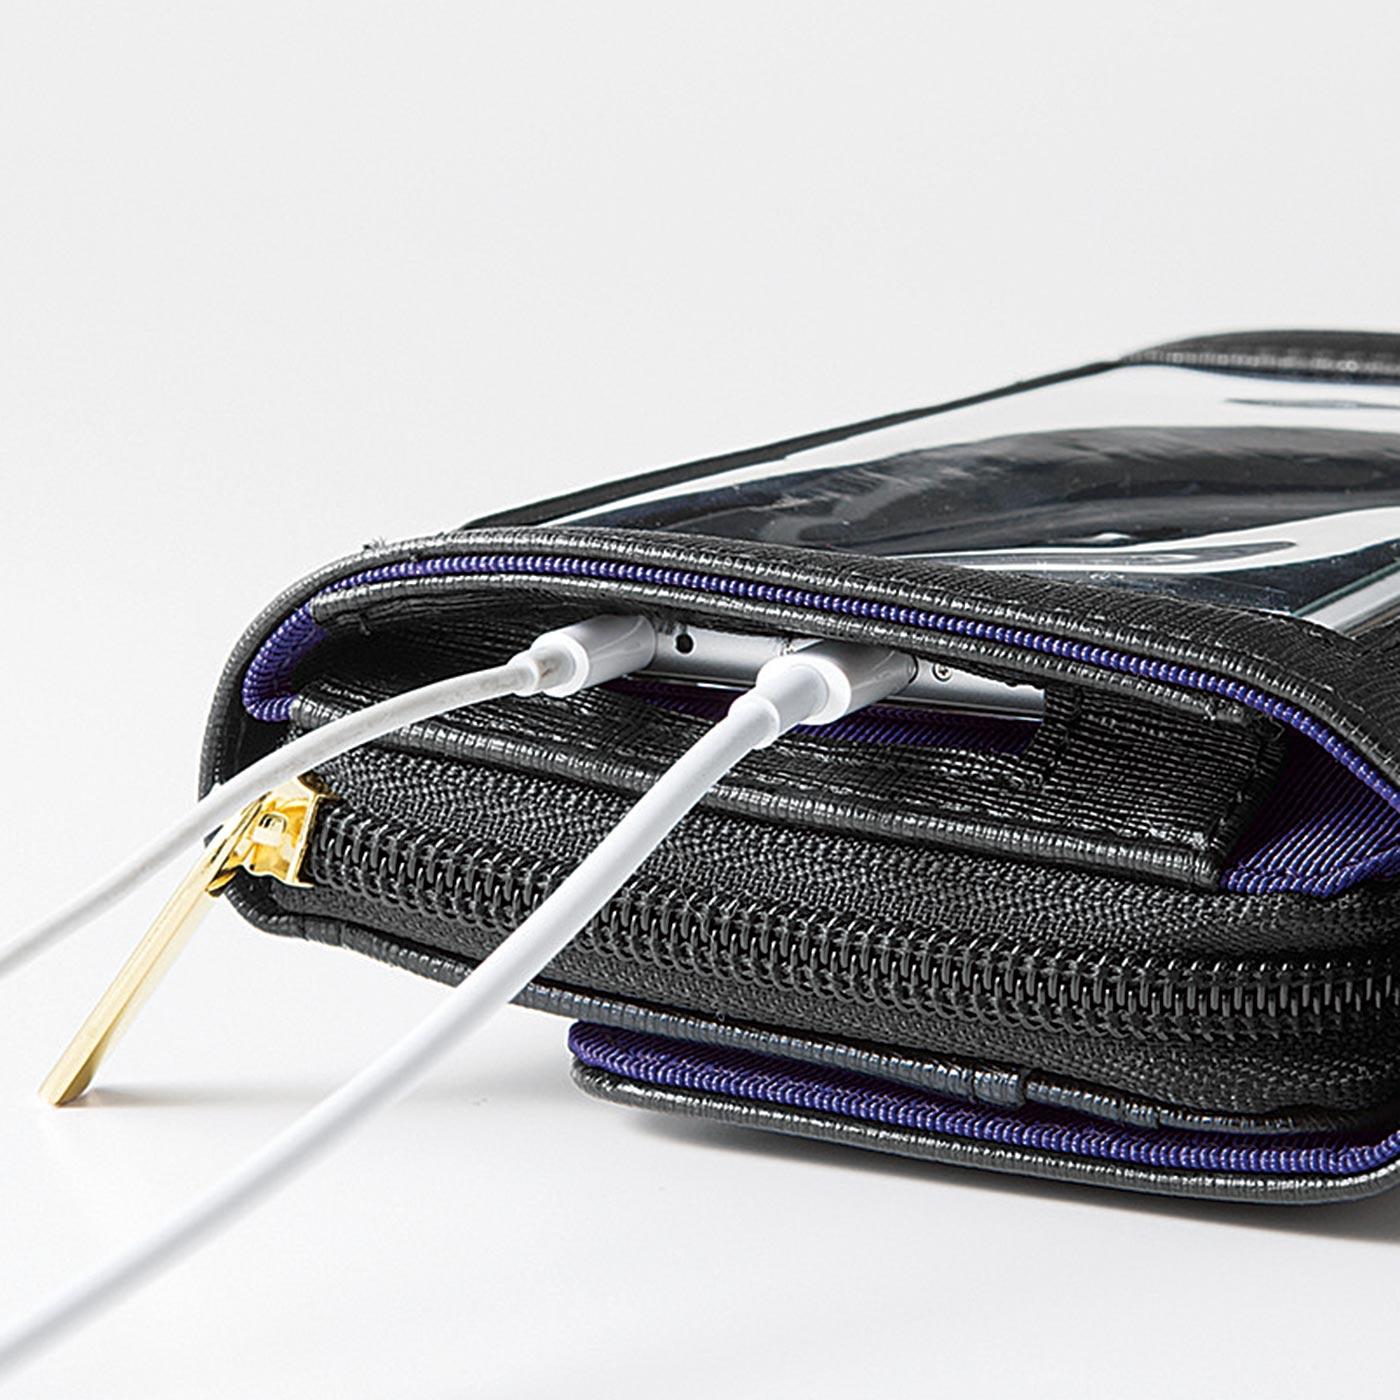 透明ポケットの下からUSBケーブルやイヤホンをそのまま差せます。